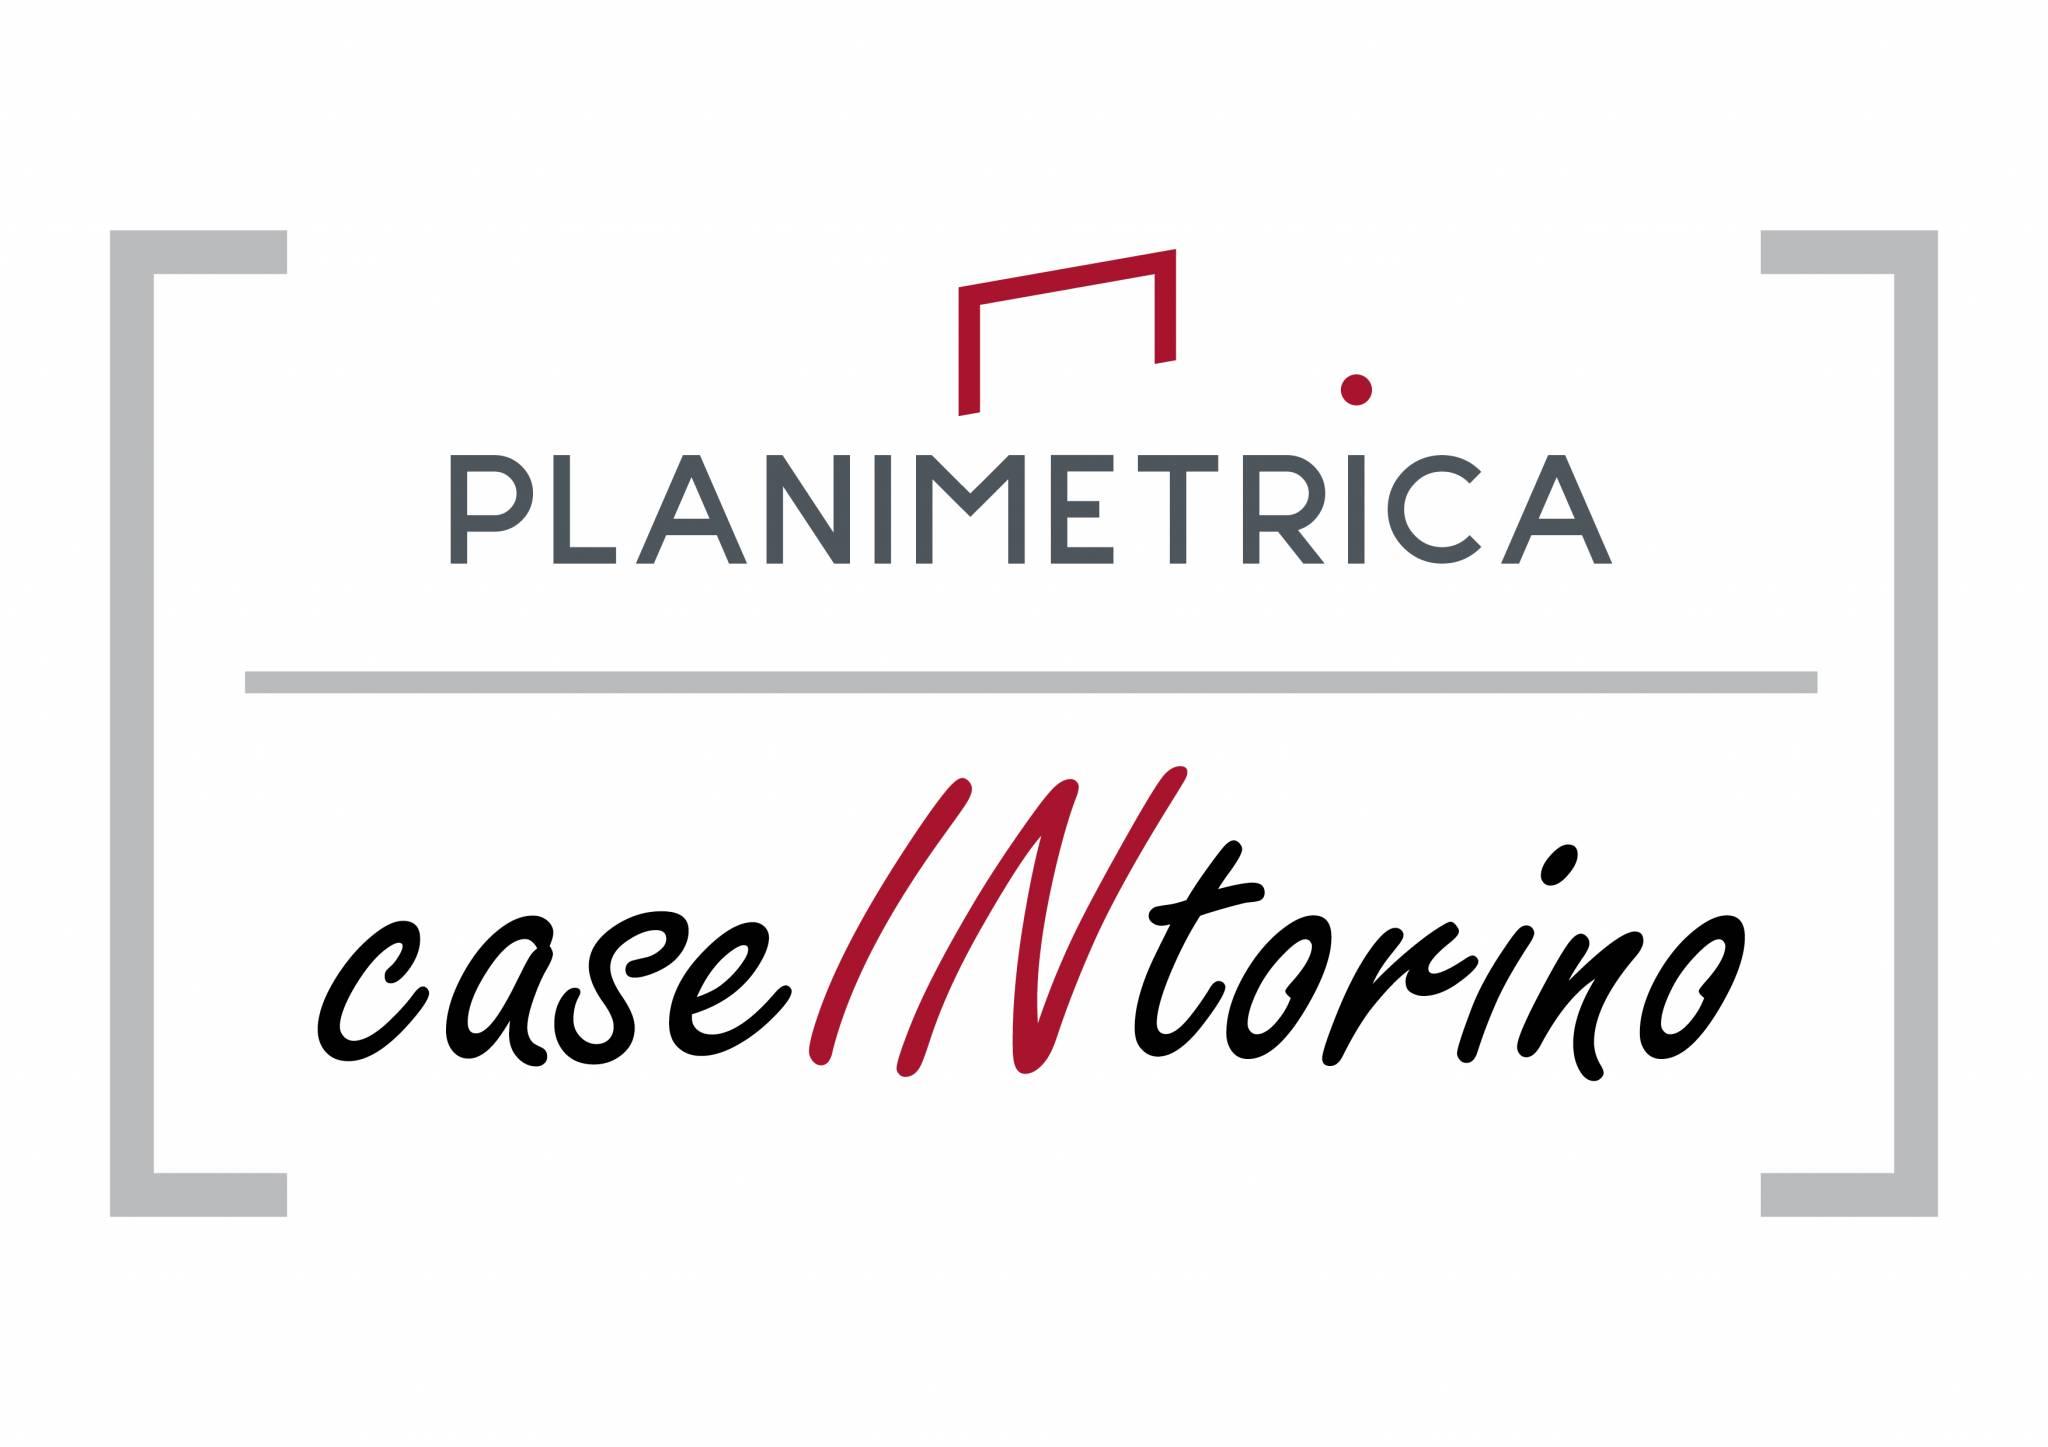 CaseINtorino gruppo Planimetrica